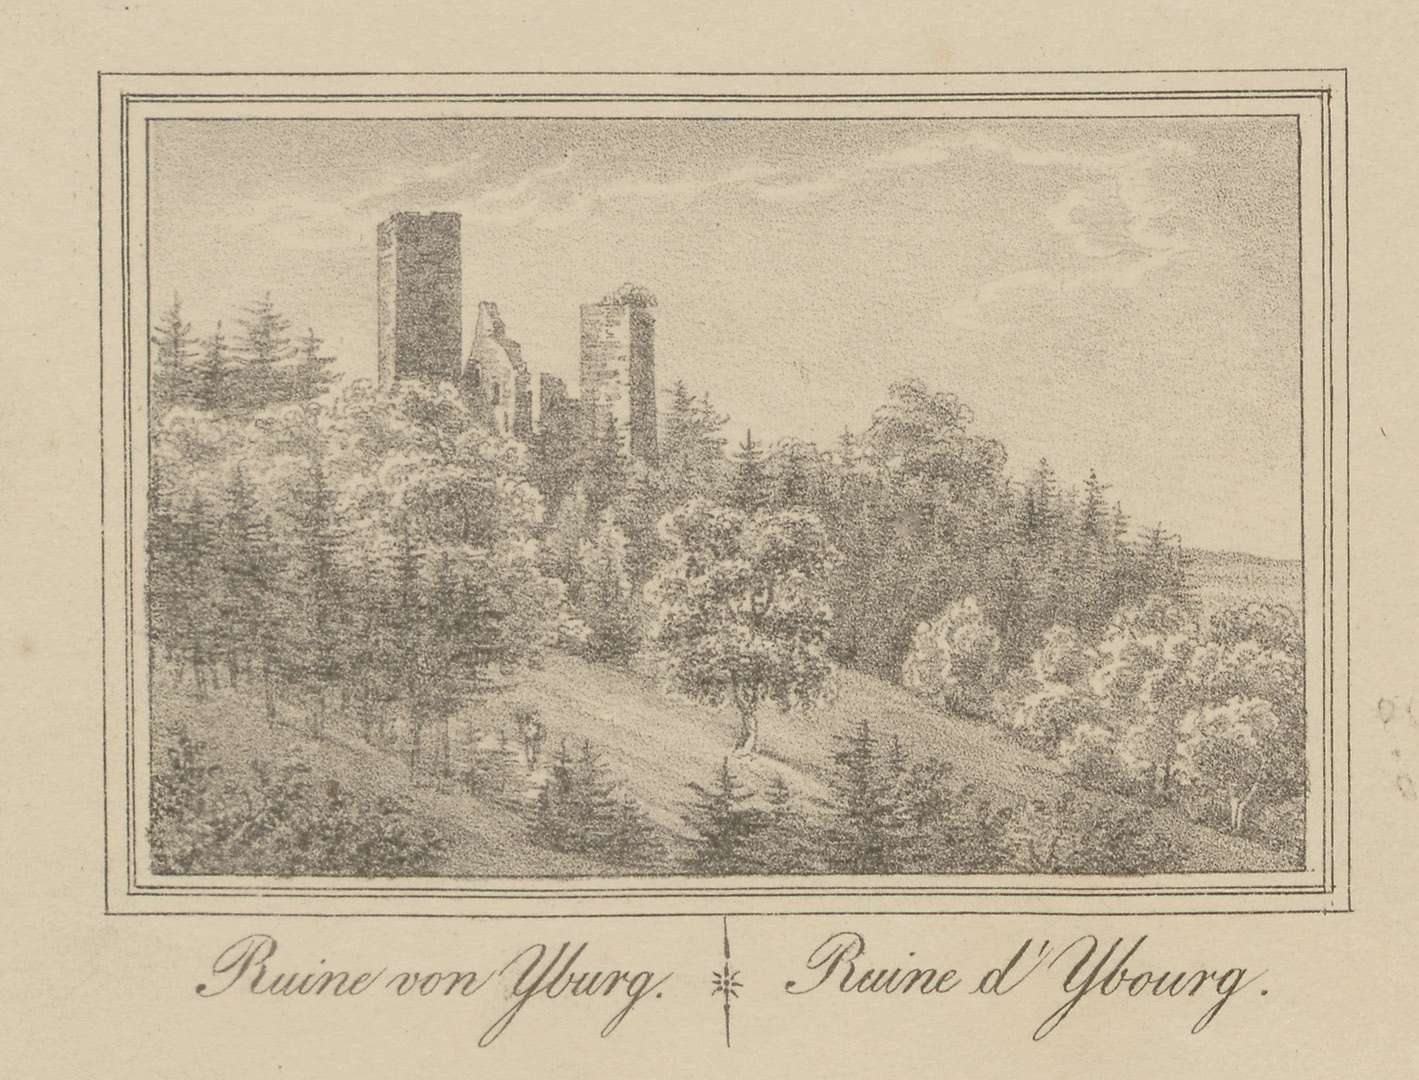 Ruine von Yburg - Ruine d